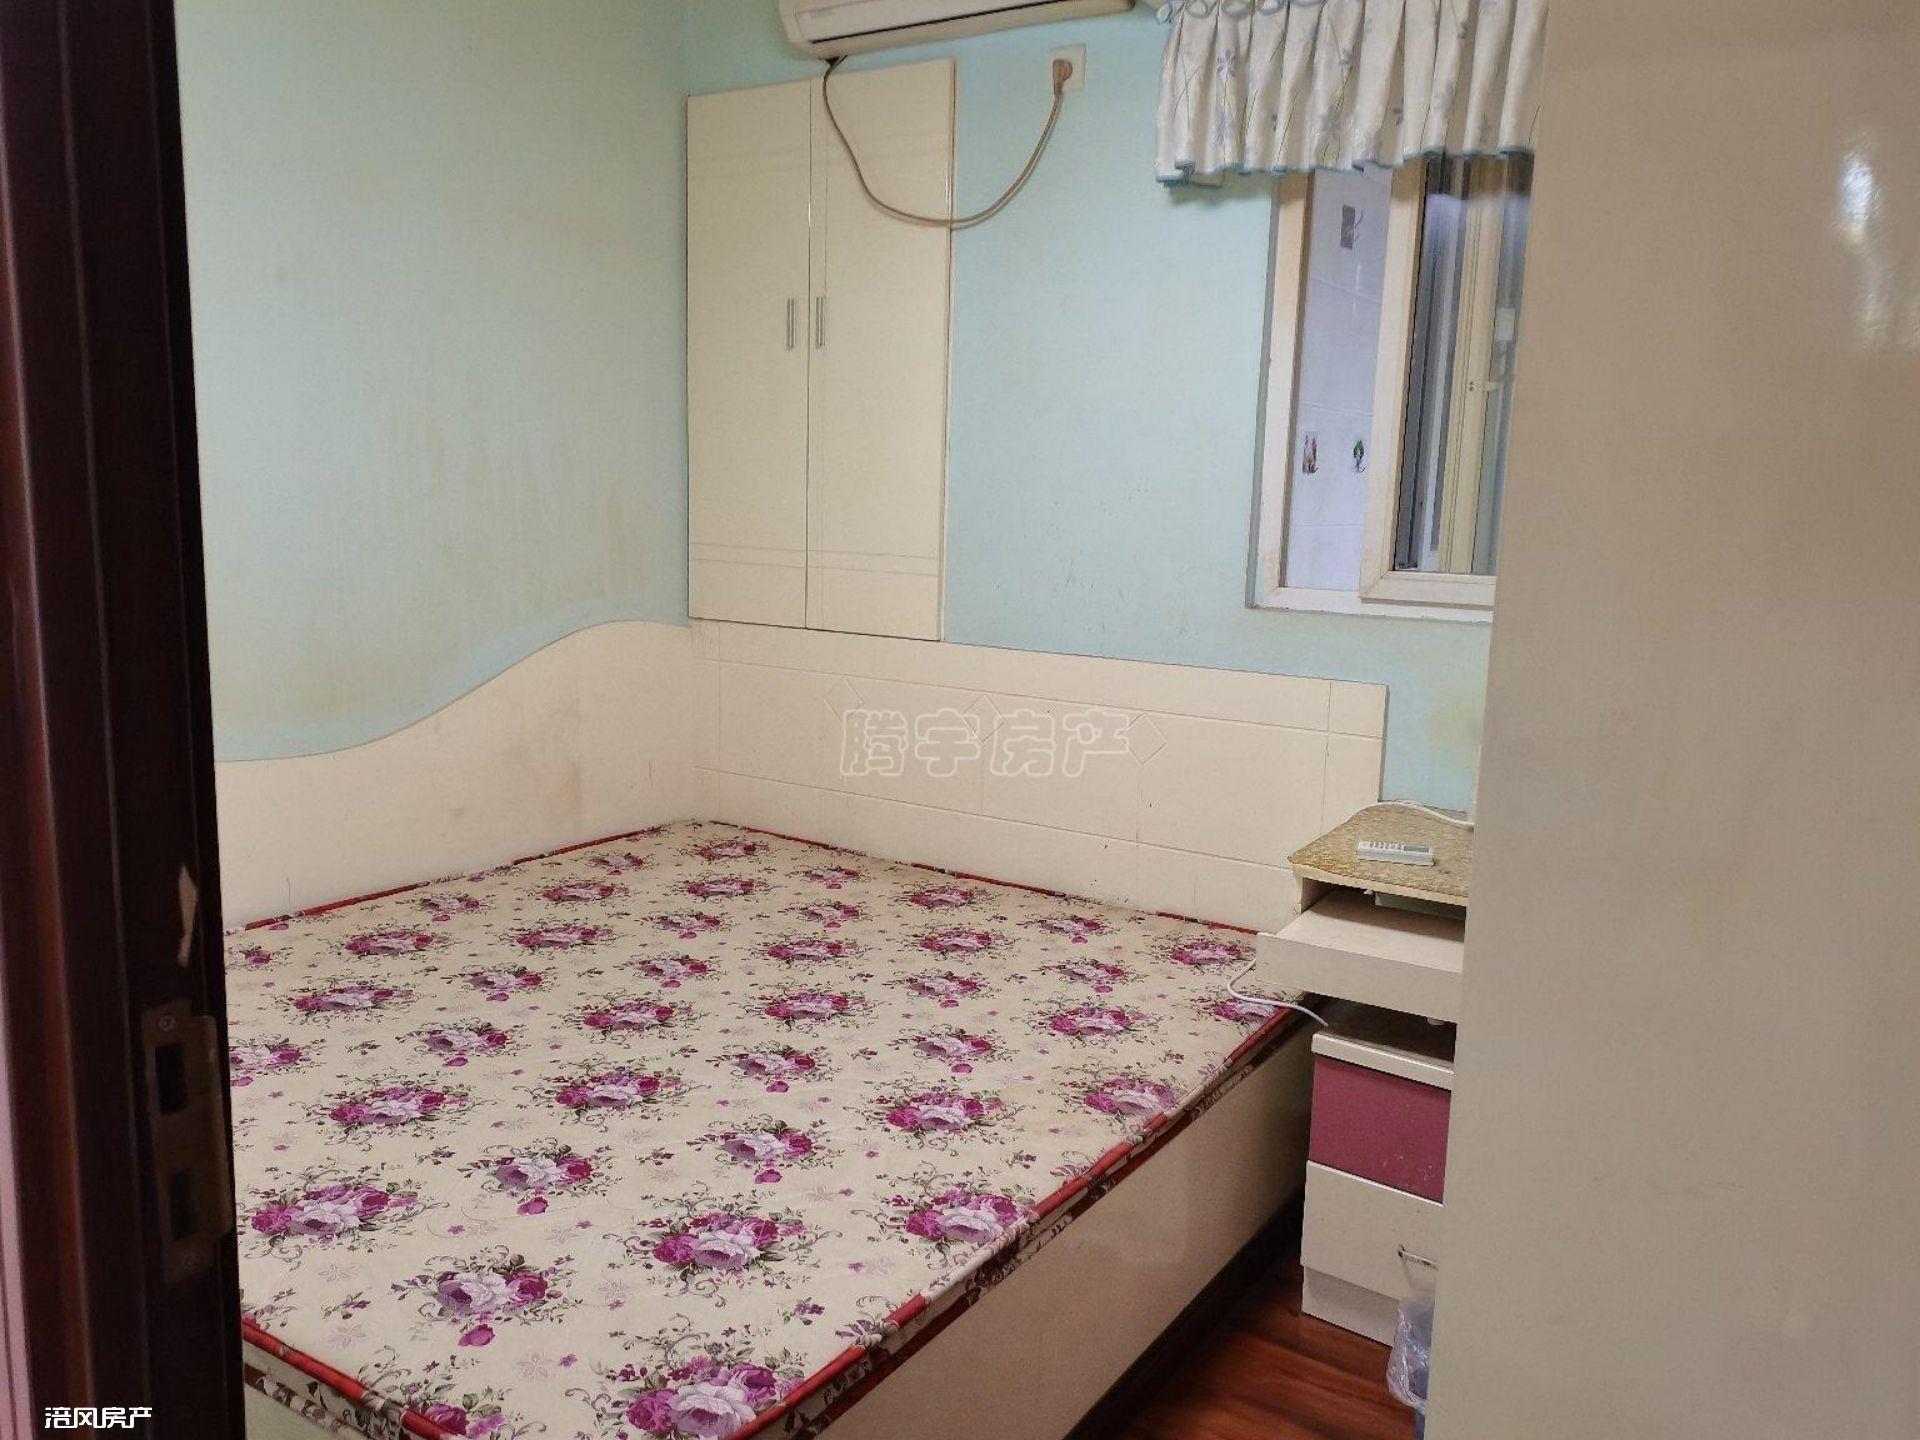 出租南门山转盘3室2厅1卫 精装修